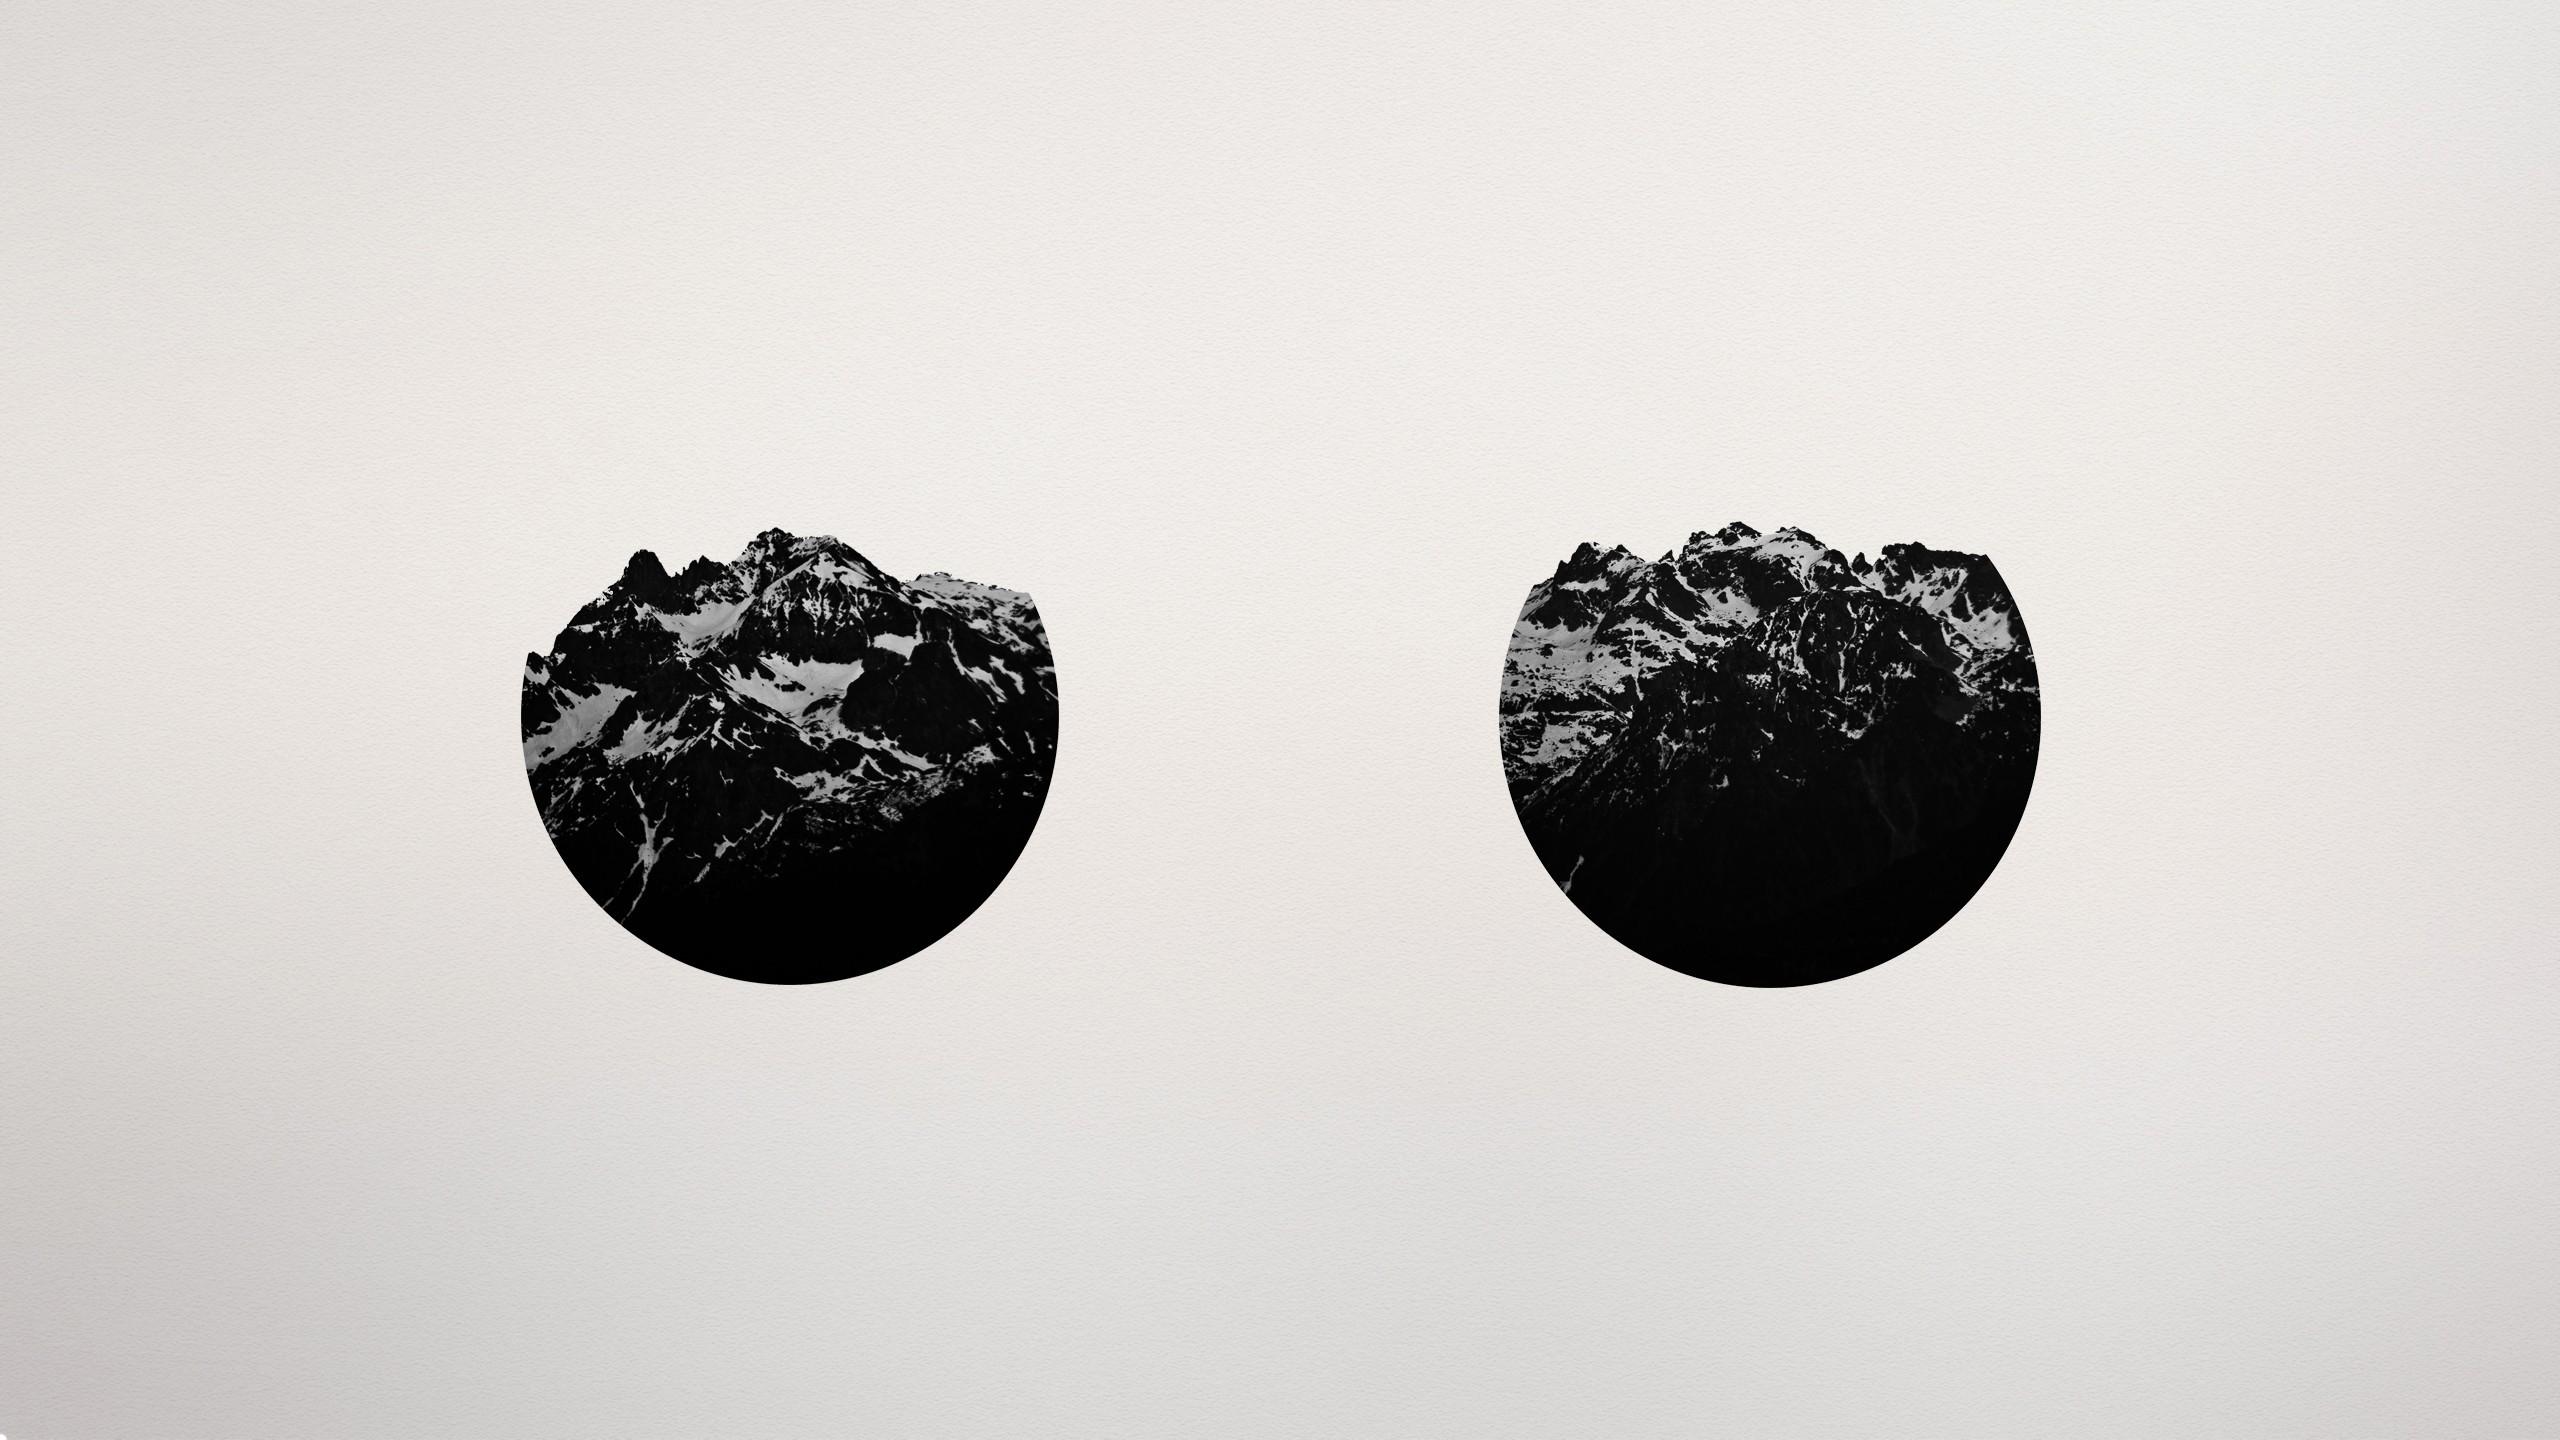 выглядят черные логотип черно белой фотографии дании все будет